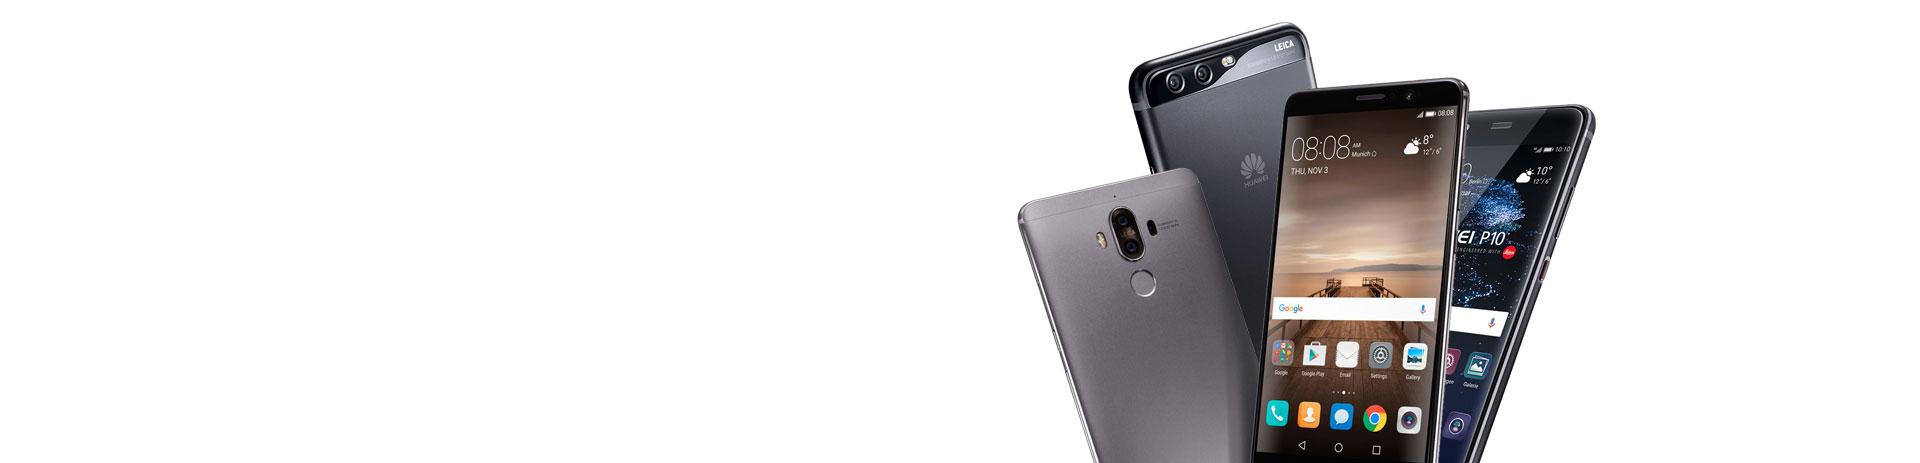 Huawei € 50,- günstiger